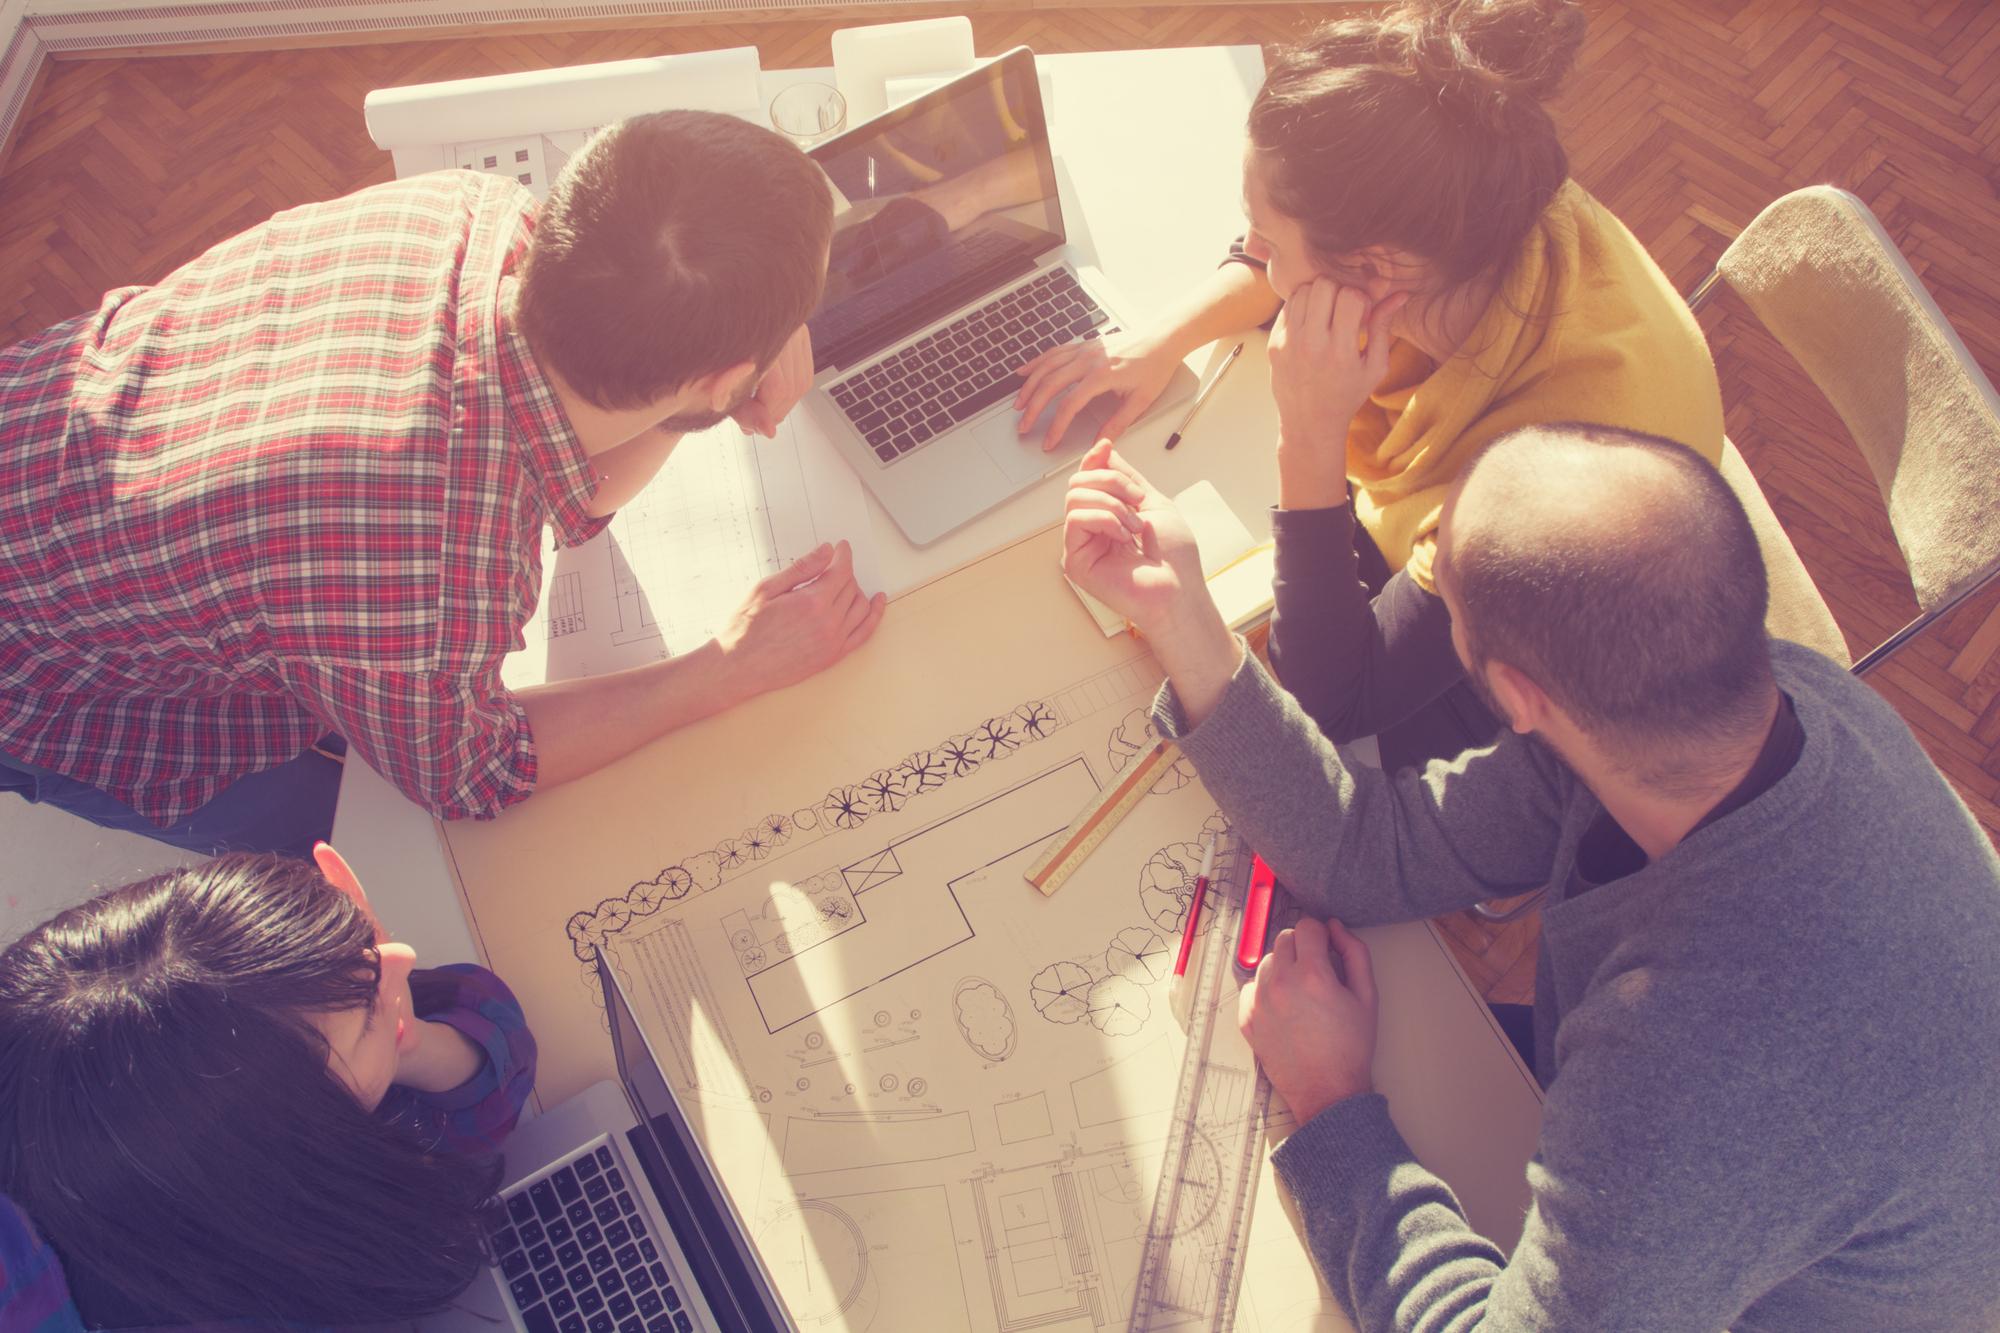 O que você gostaria de ter aprendido na faculdade de arquitetura mas nunca teve a oportunidade?